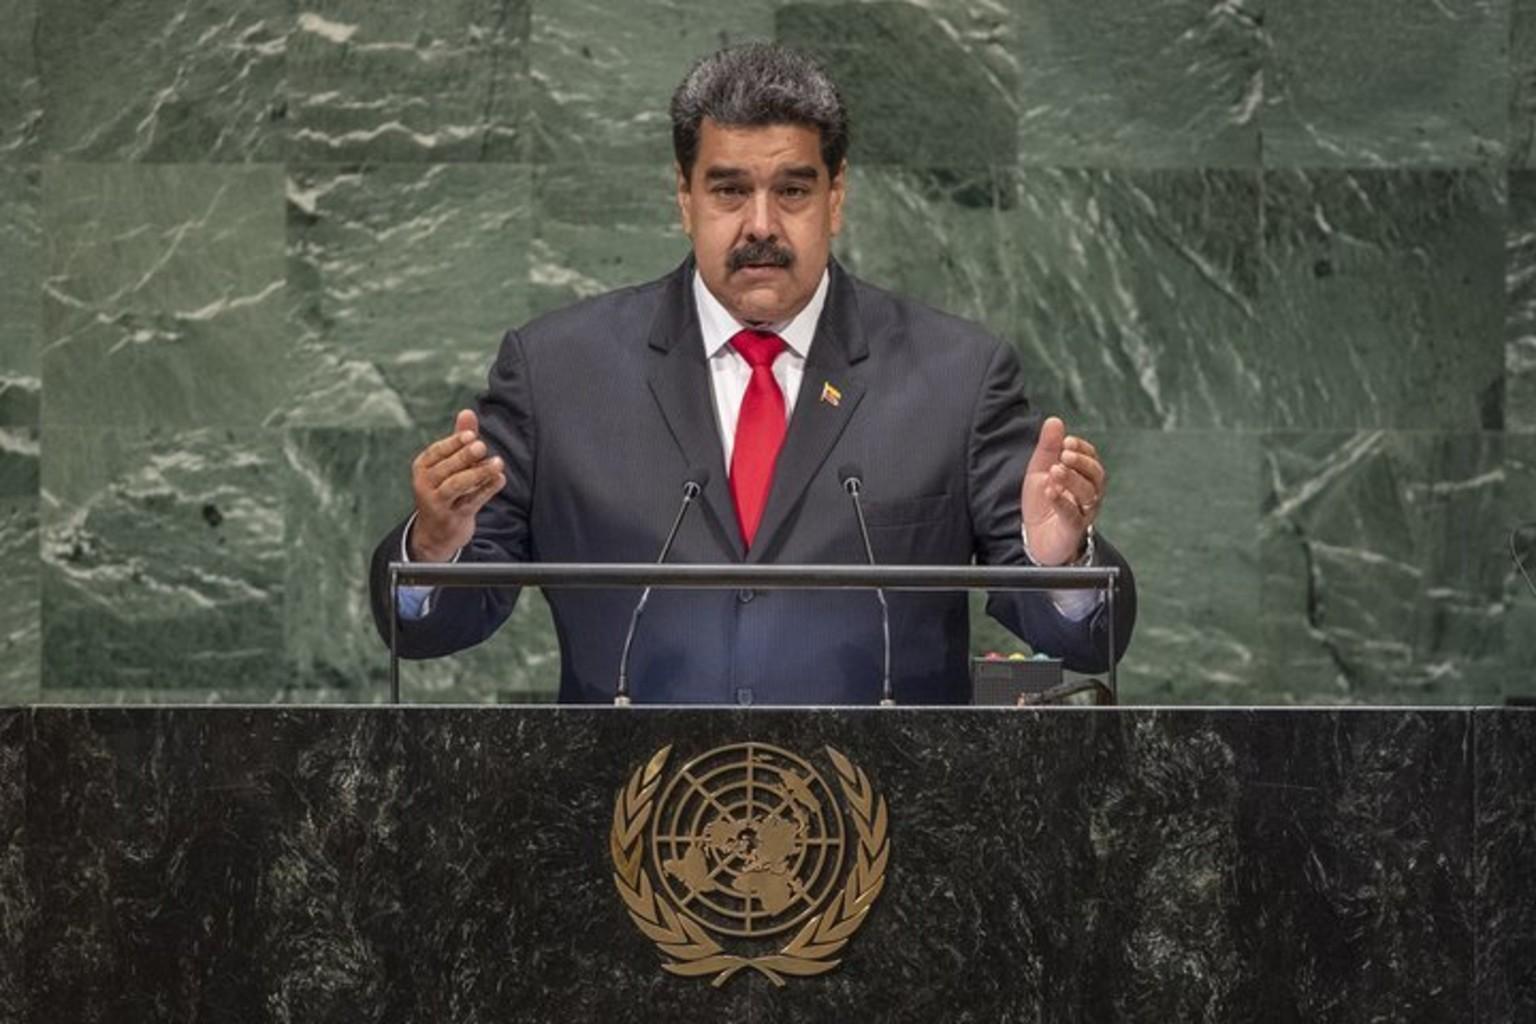 Президент Венесуэлы Николас Мадуро. Фото: пресс-центр ООН